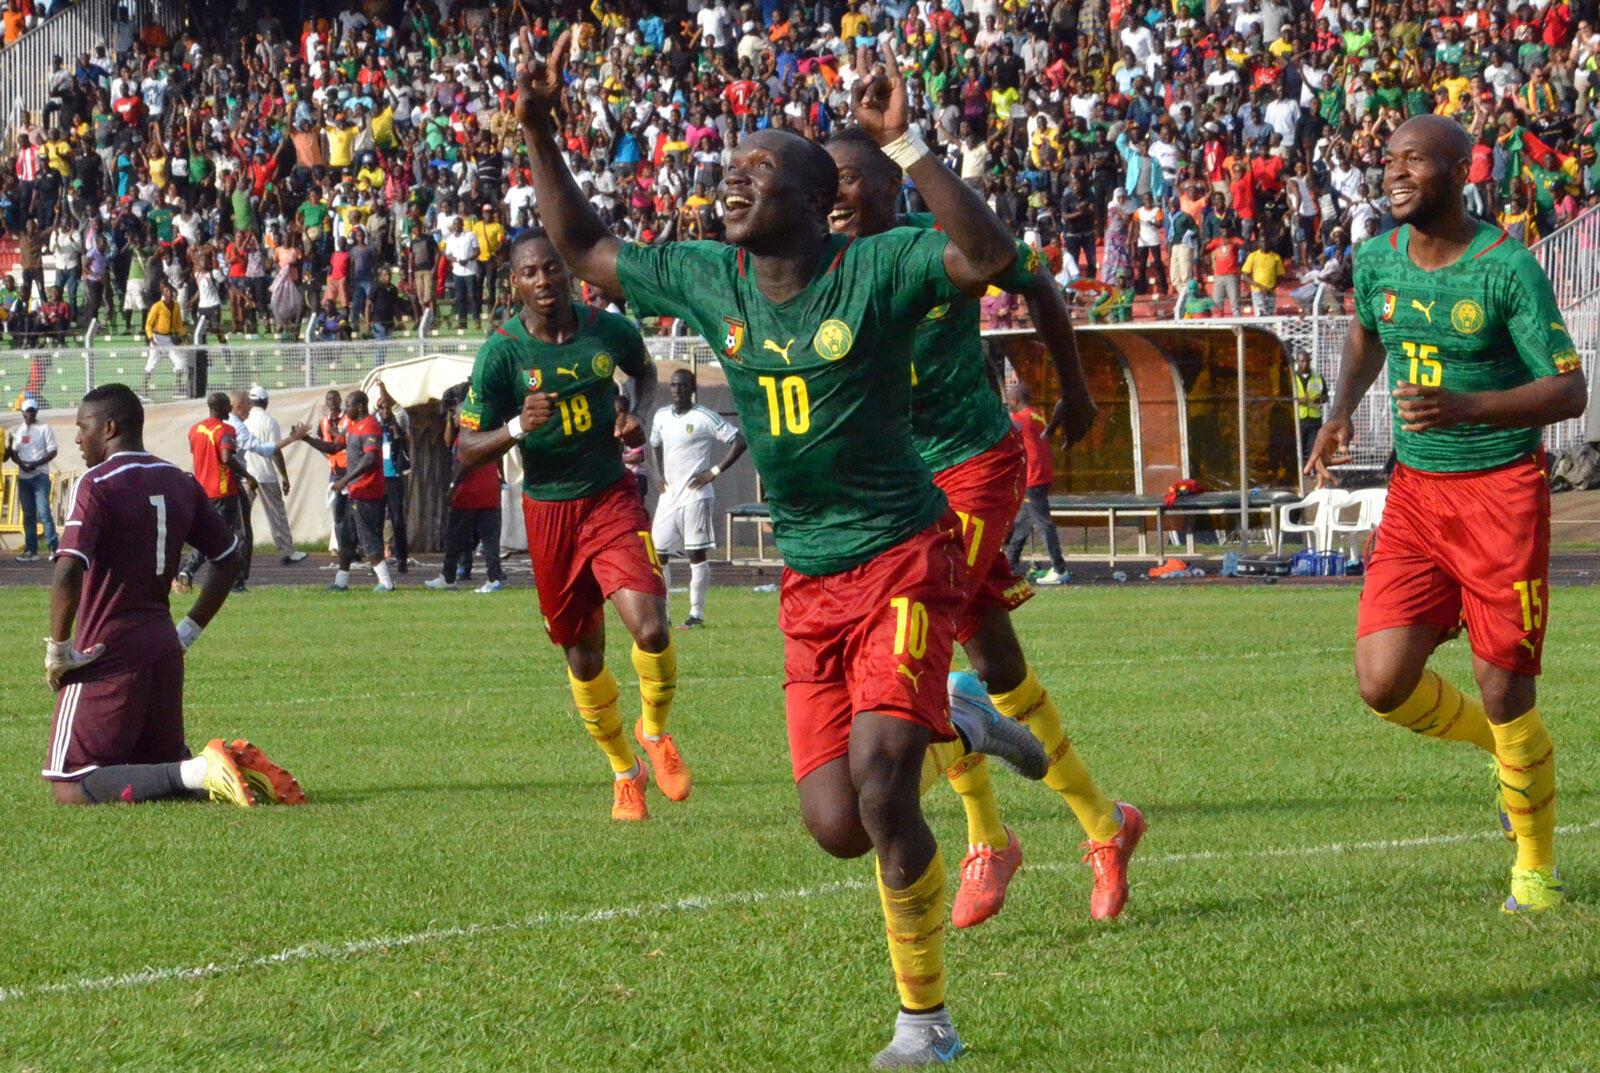 Timu ya soka ya Cameroon yapokelewa Rwanda kushiriki katika mchuano wa kimataifa wa kirafiki na Amavubi timu ya taifa ya soka ya Rwanda).